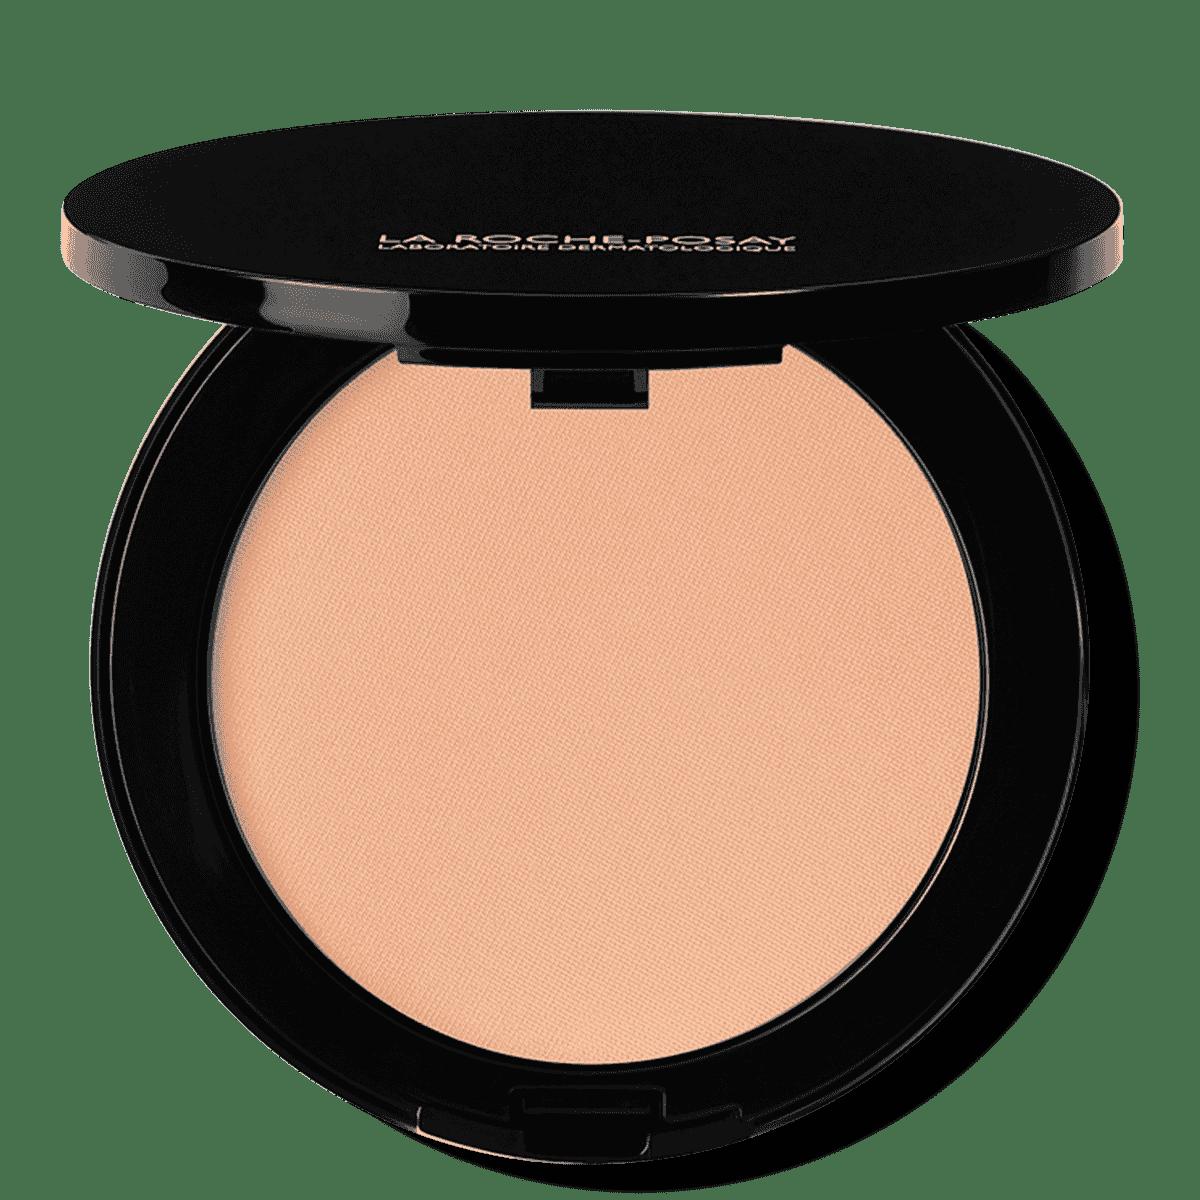 La Roche Posay Sensitive Toleriane Make up COMPACT_POWDER_11LightBeige